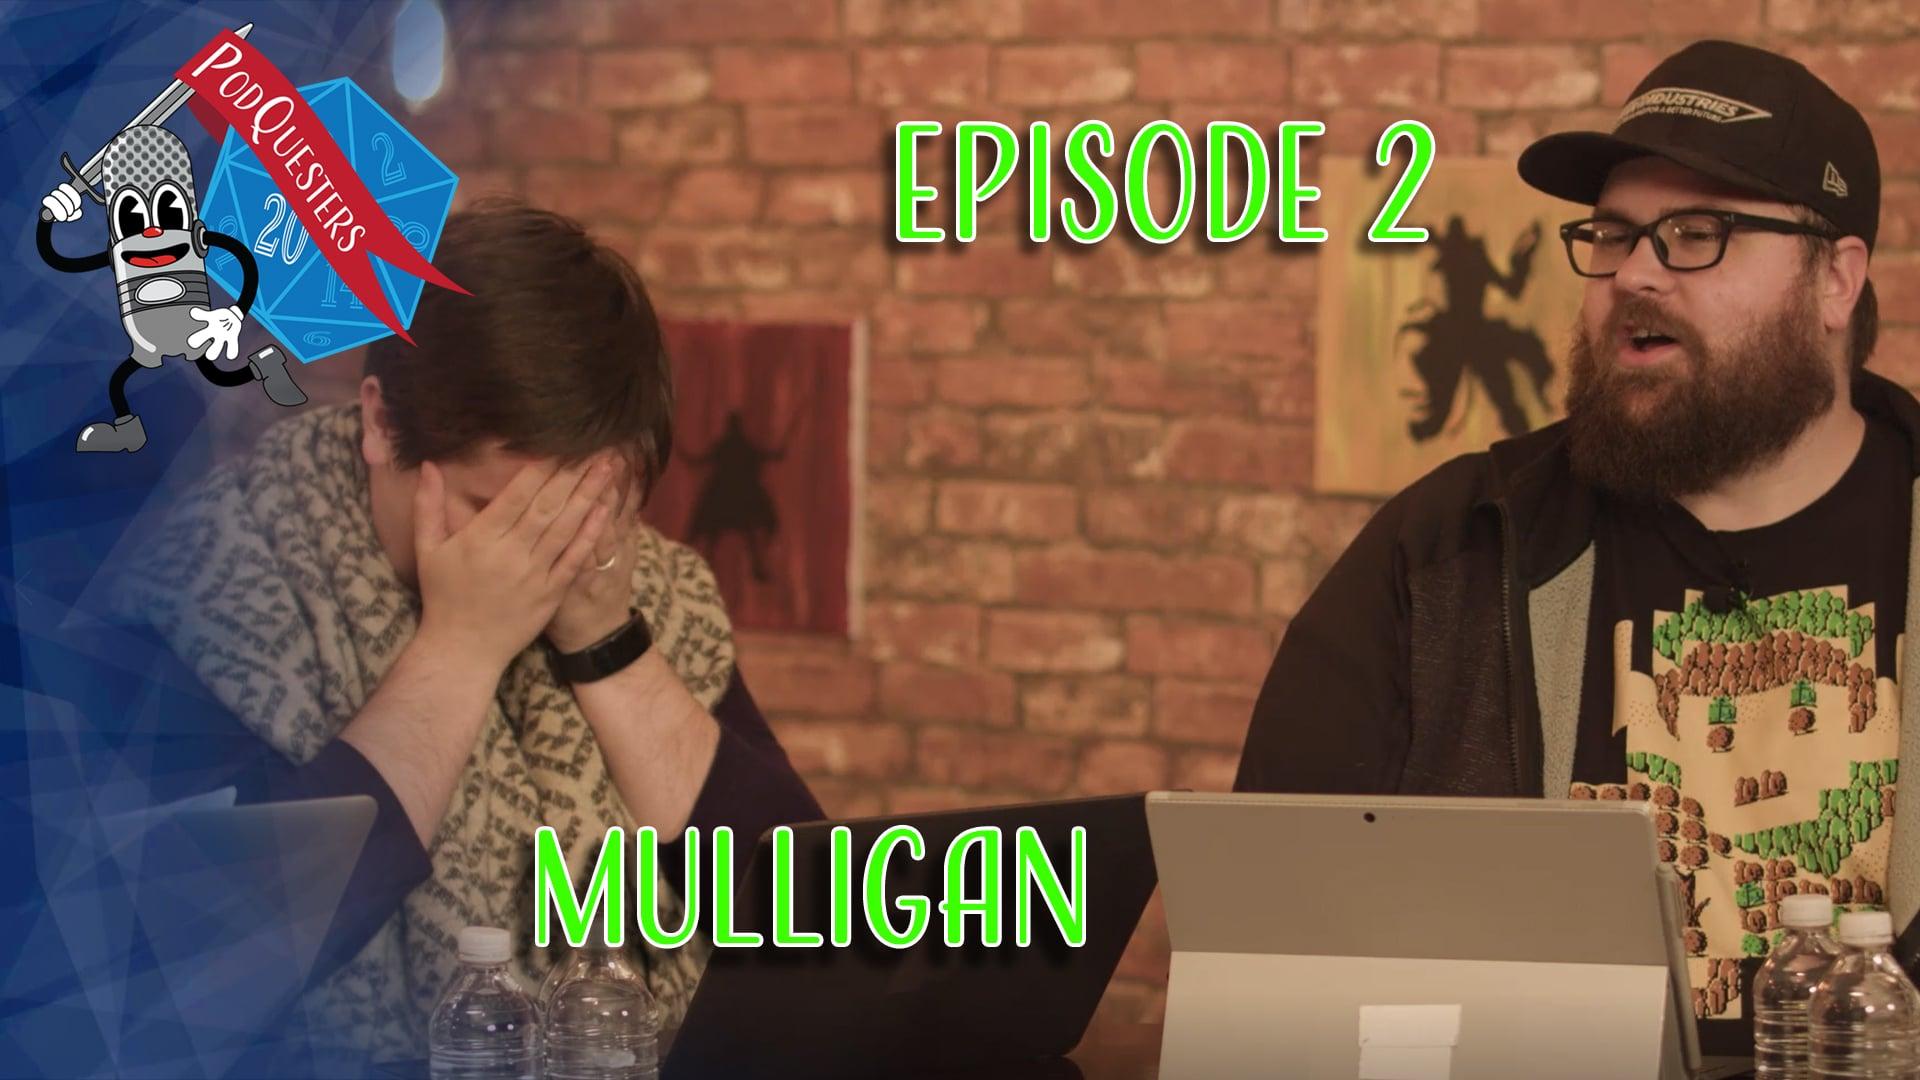 Podquesters – Episode 2, Mulligan